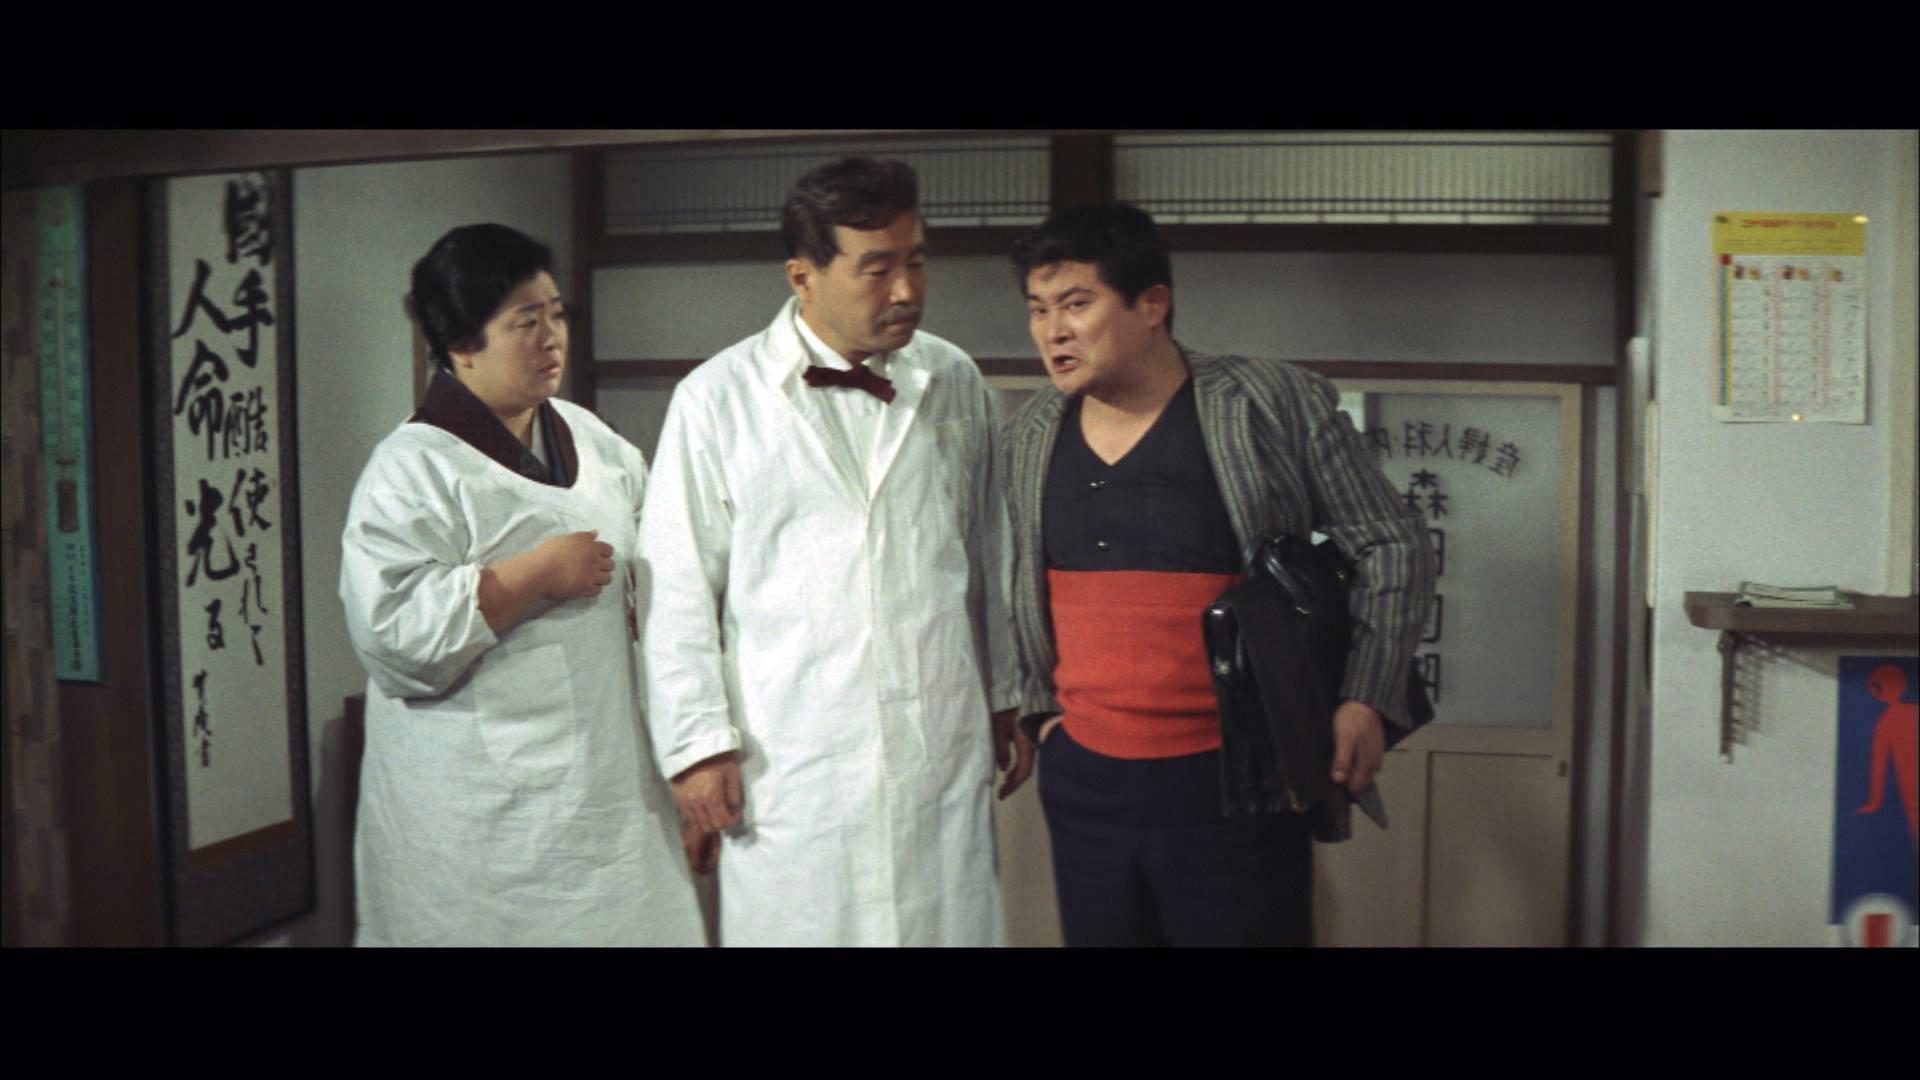 映画「喜劇 駅前医院」【未DVD化作品】